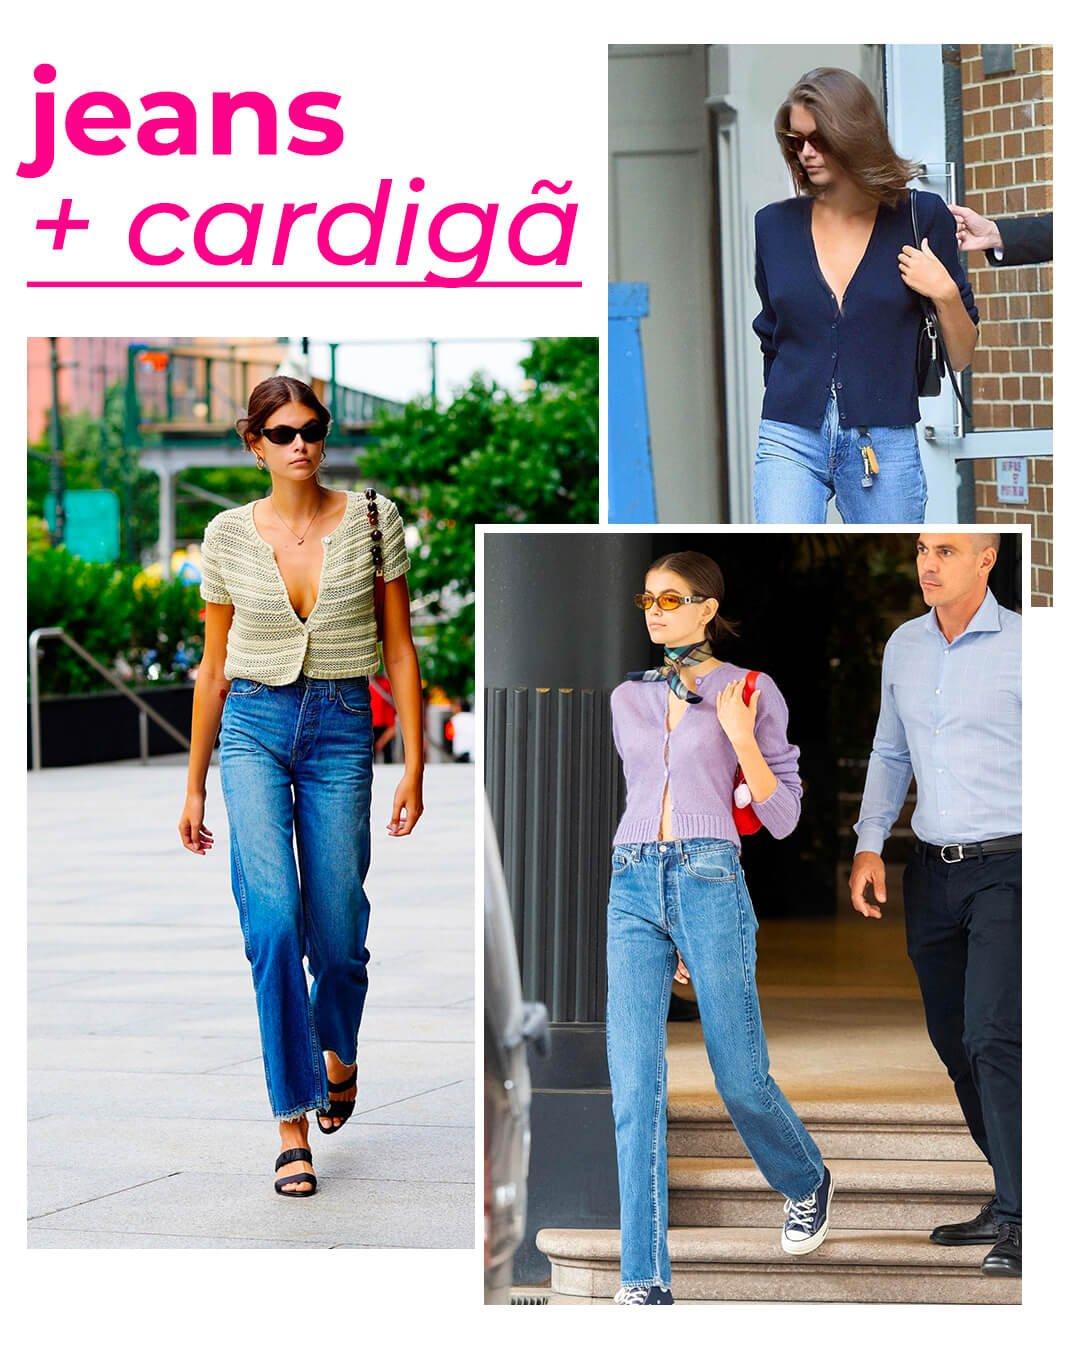 Kaia Gerber - Calça jeans reta - Cardigã - Verão - Street Style - https://stealthelook.com.br